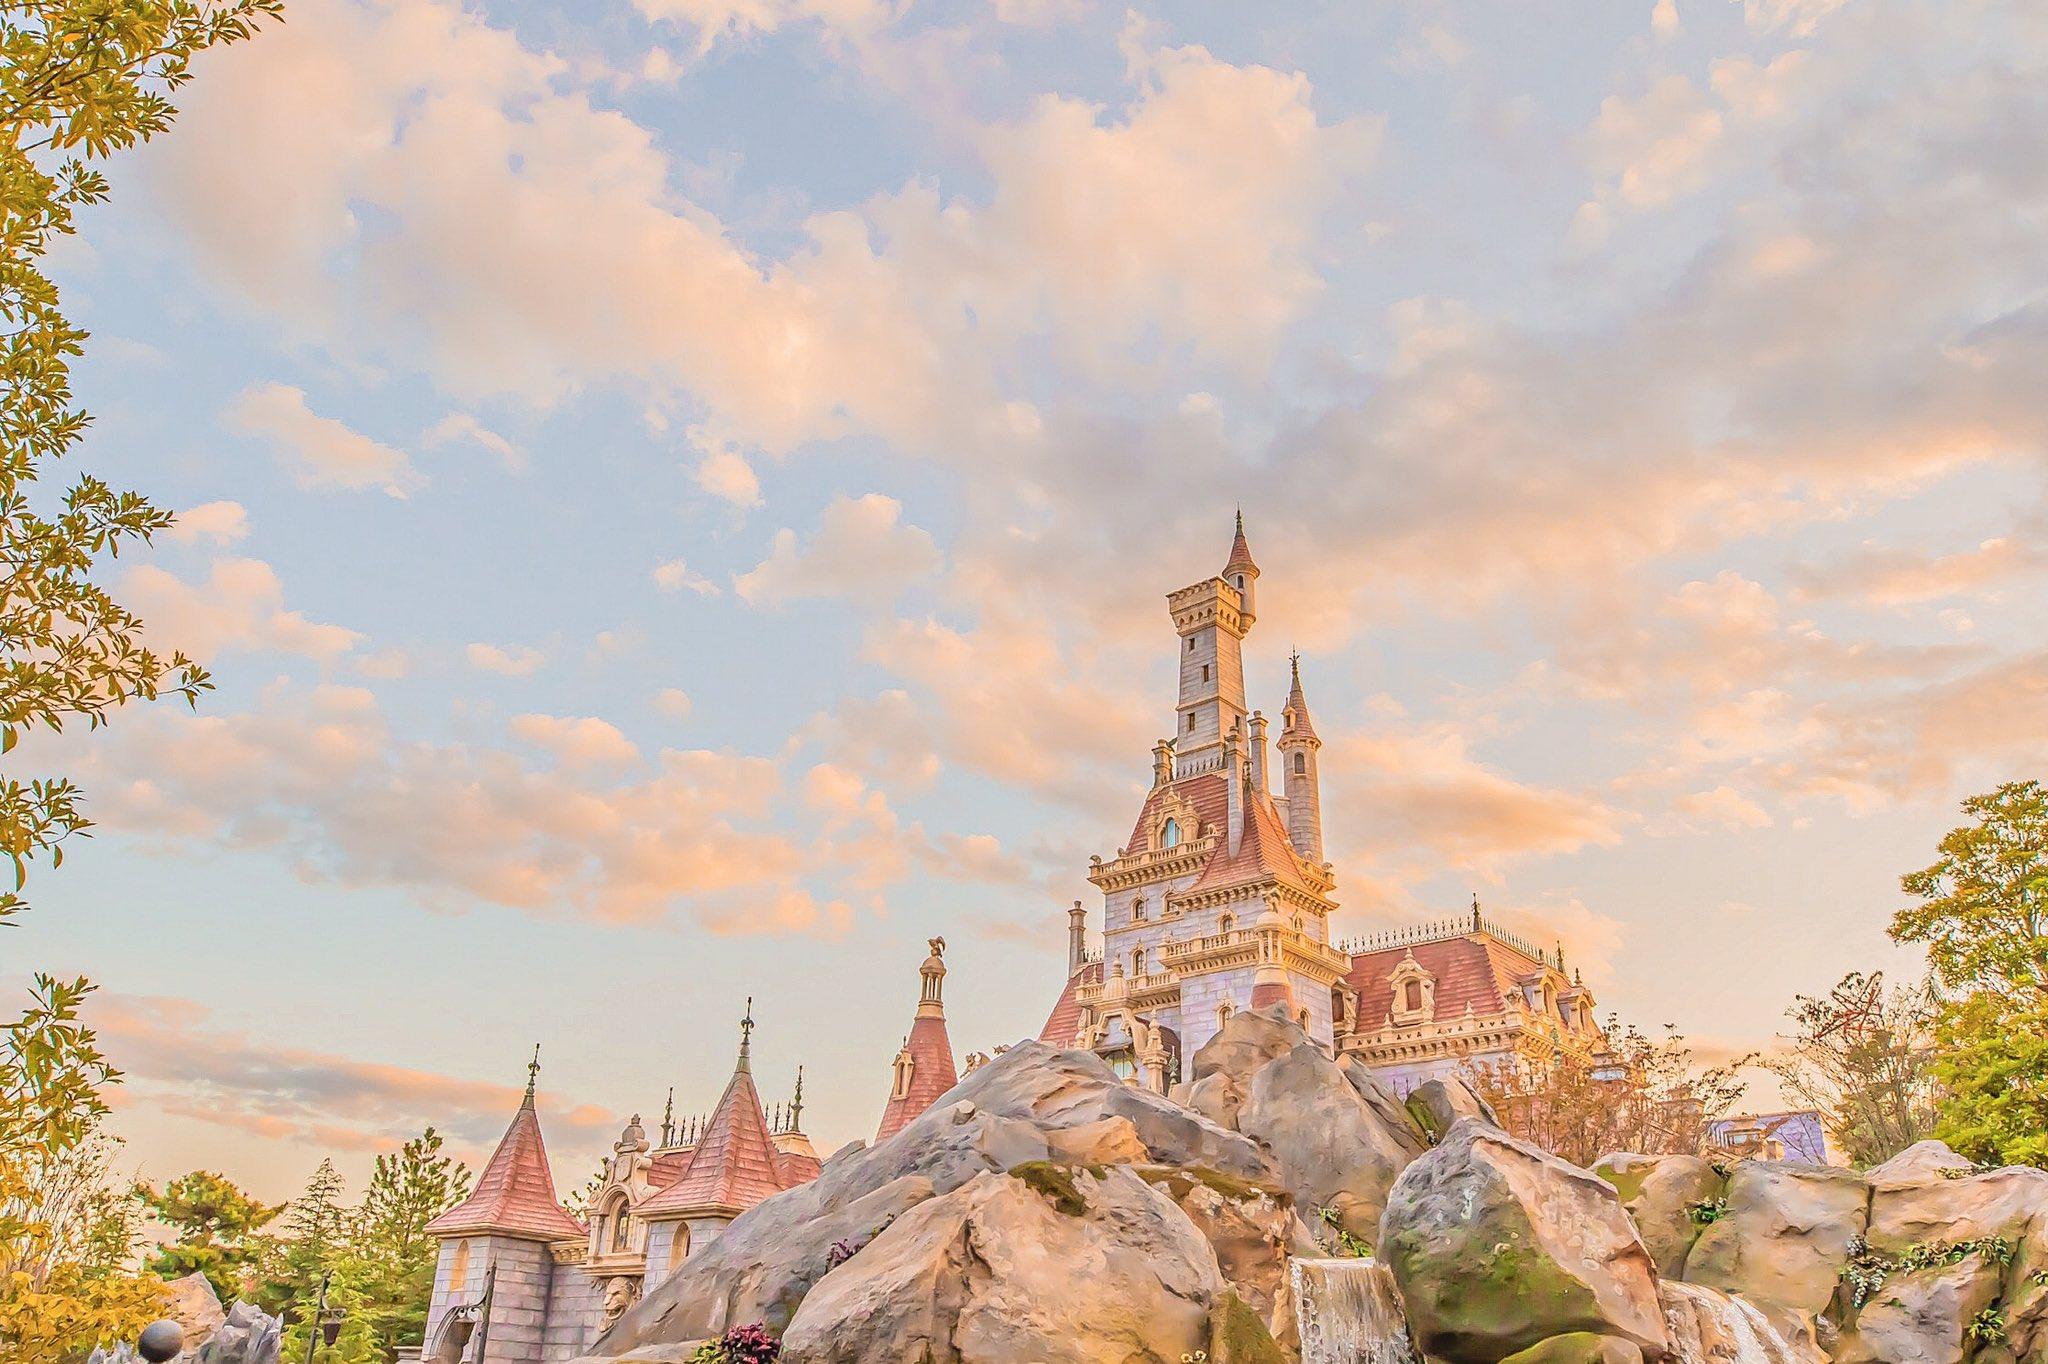 東京ディズニーランドの夕暮れ画像